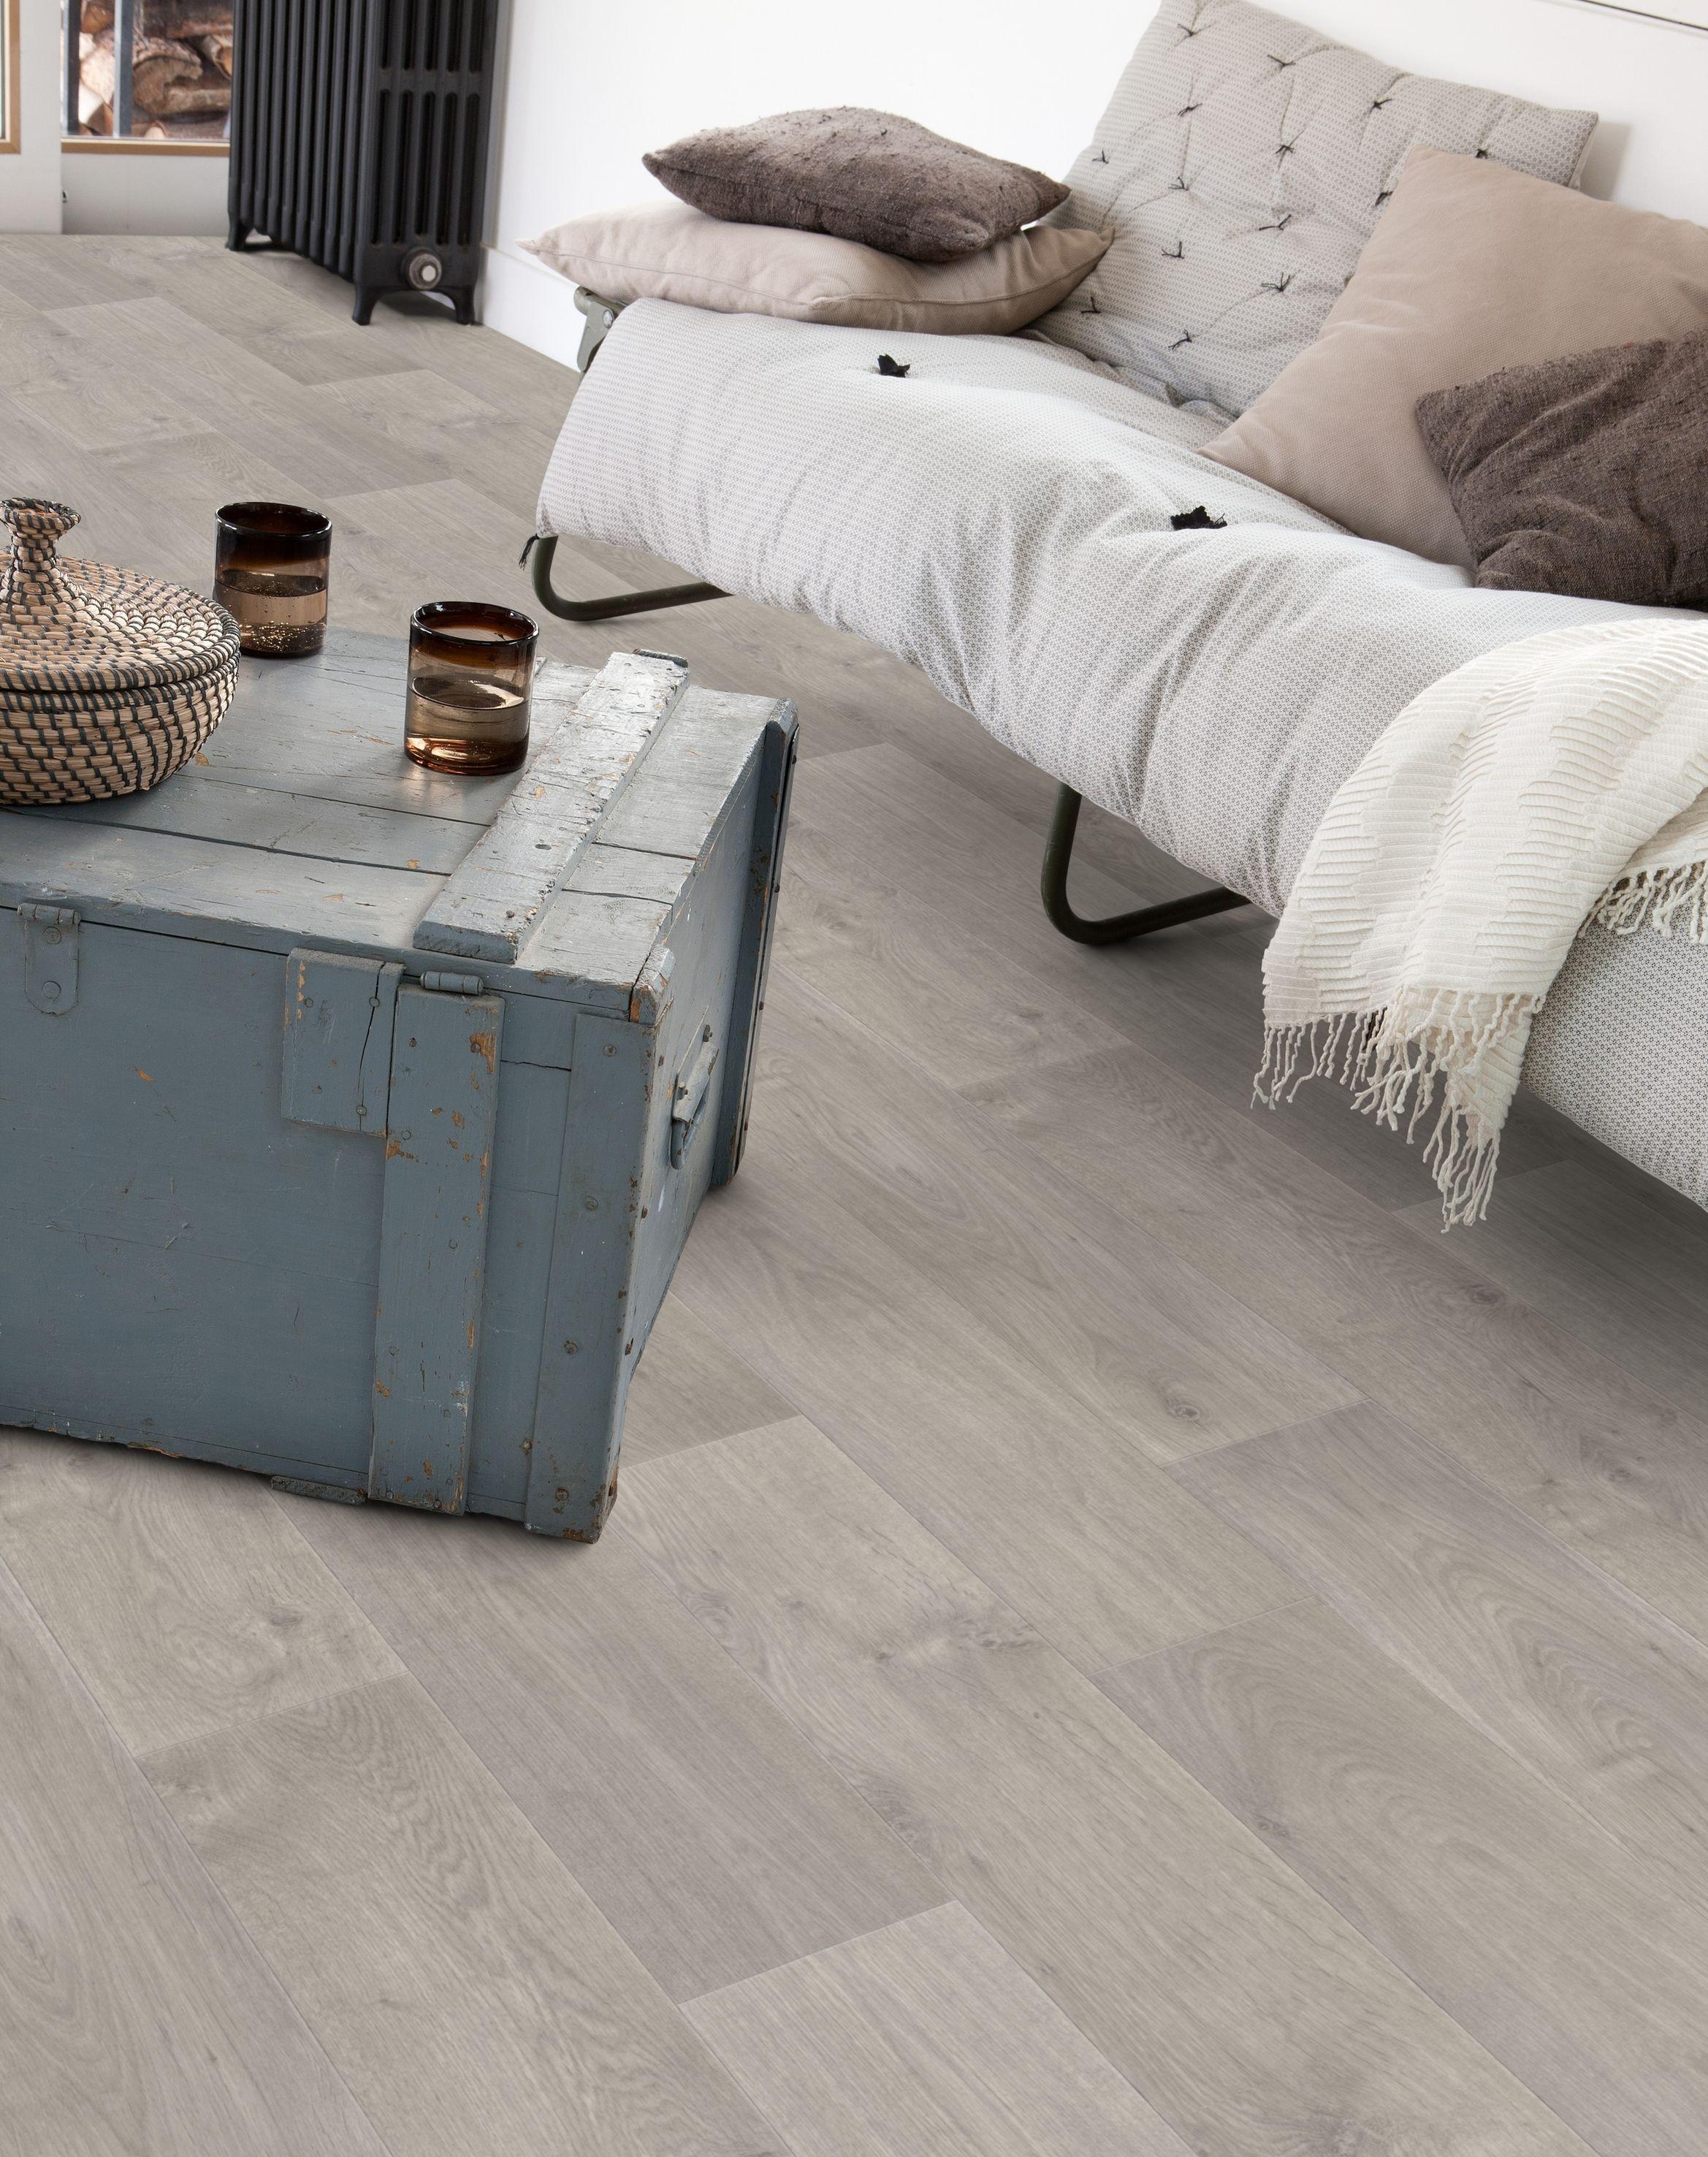 Timber Light Texline By Gerflor Gerflor Flooring Home Revetement De Sol En Vinyle Vinyle Vinyle Autocollant